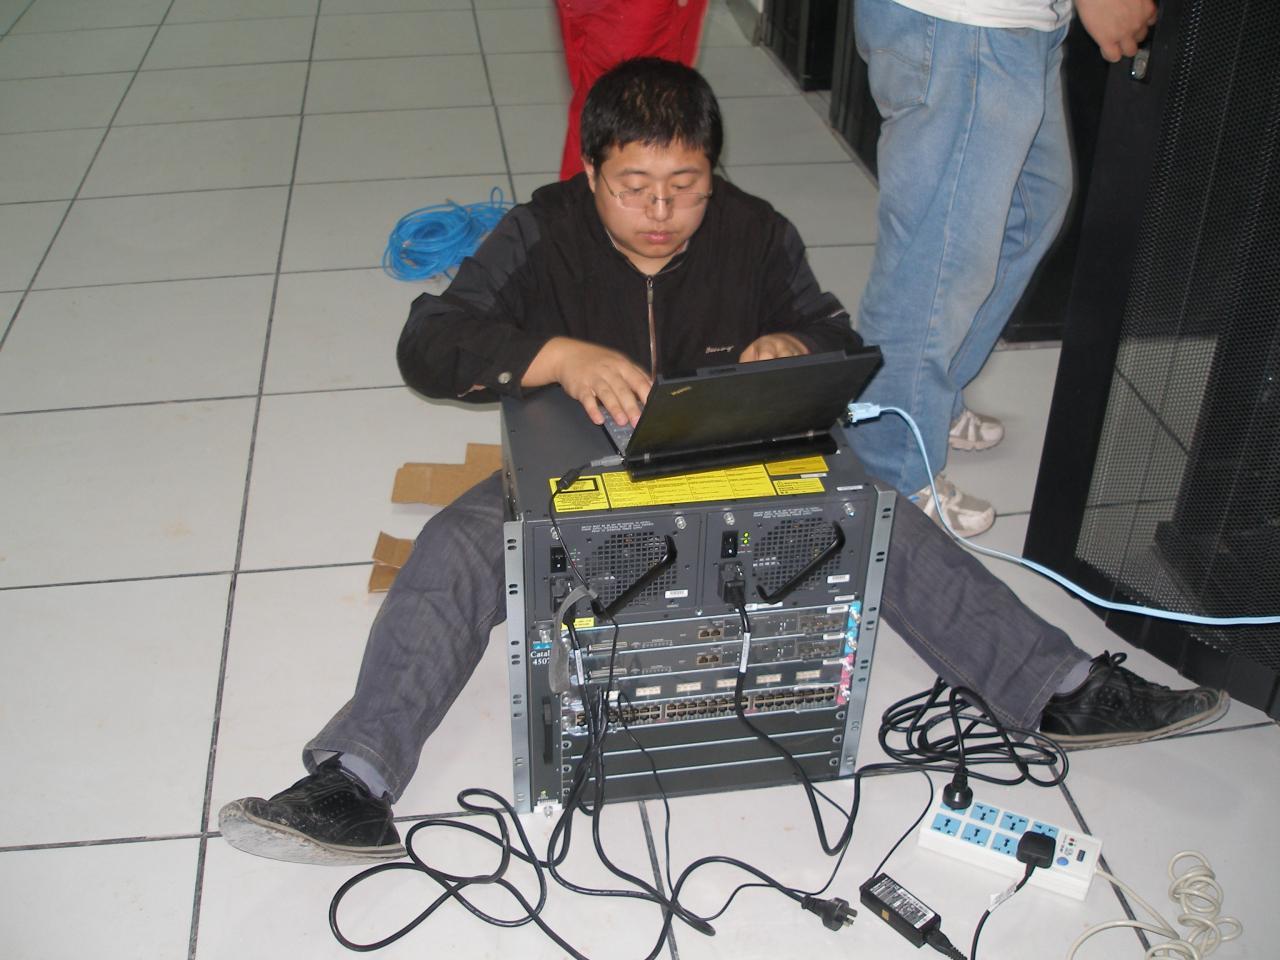 大专有中级网络工程师工资能有多少? - 1